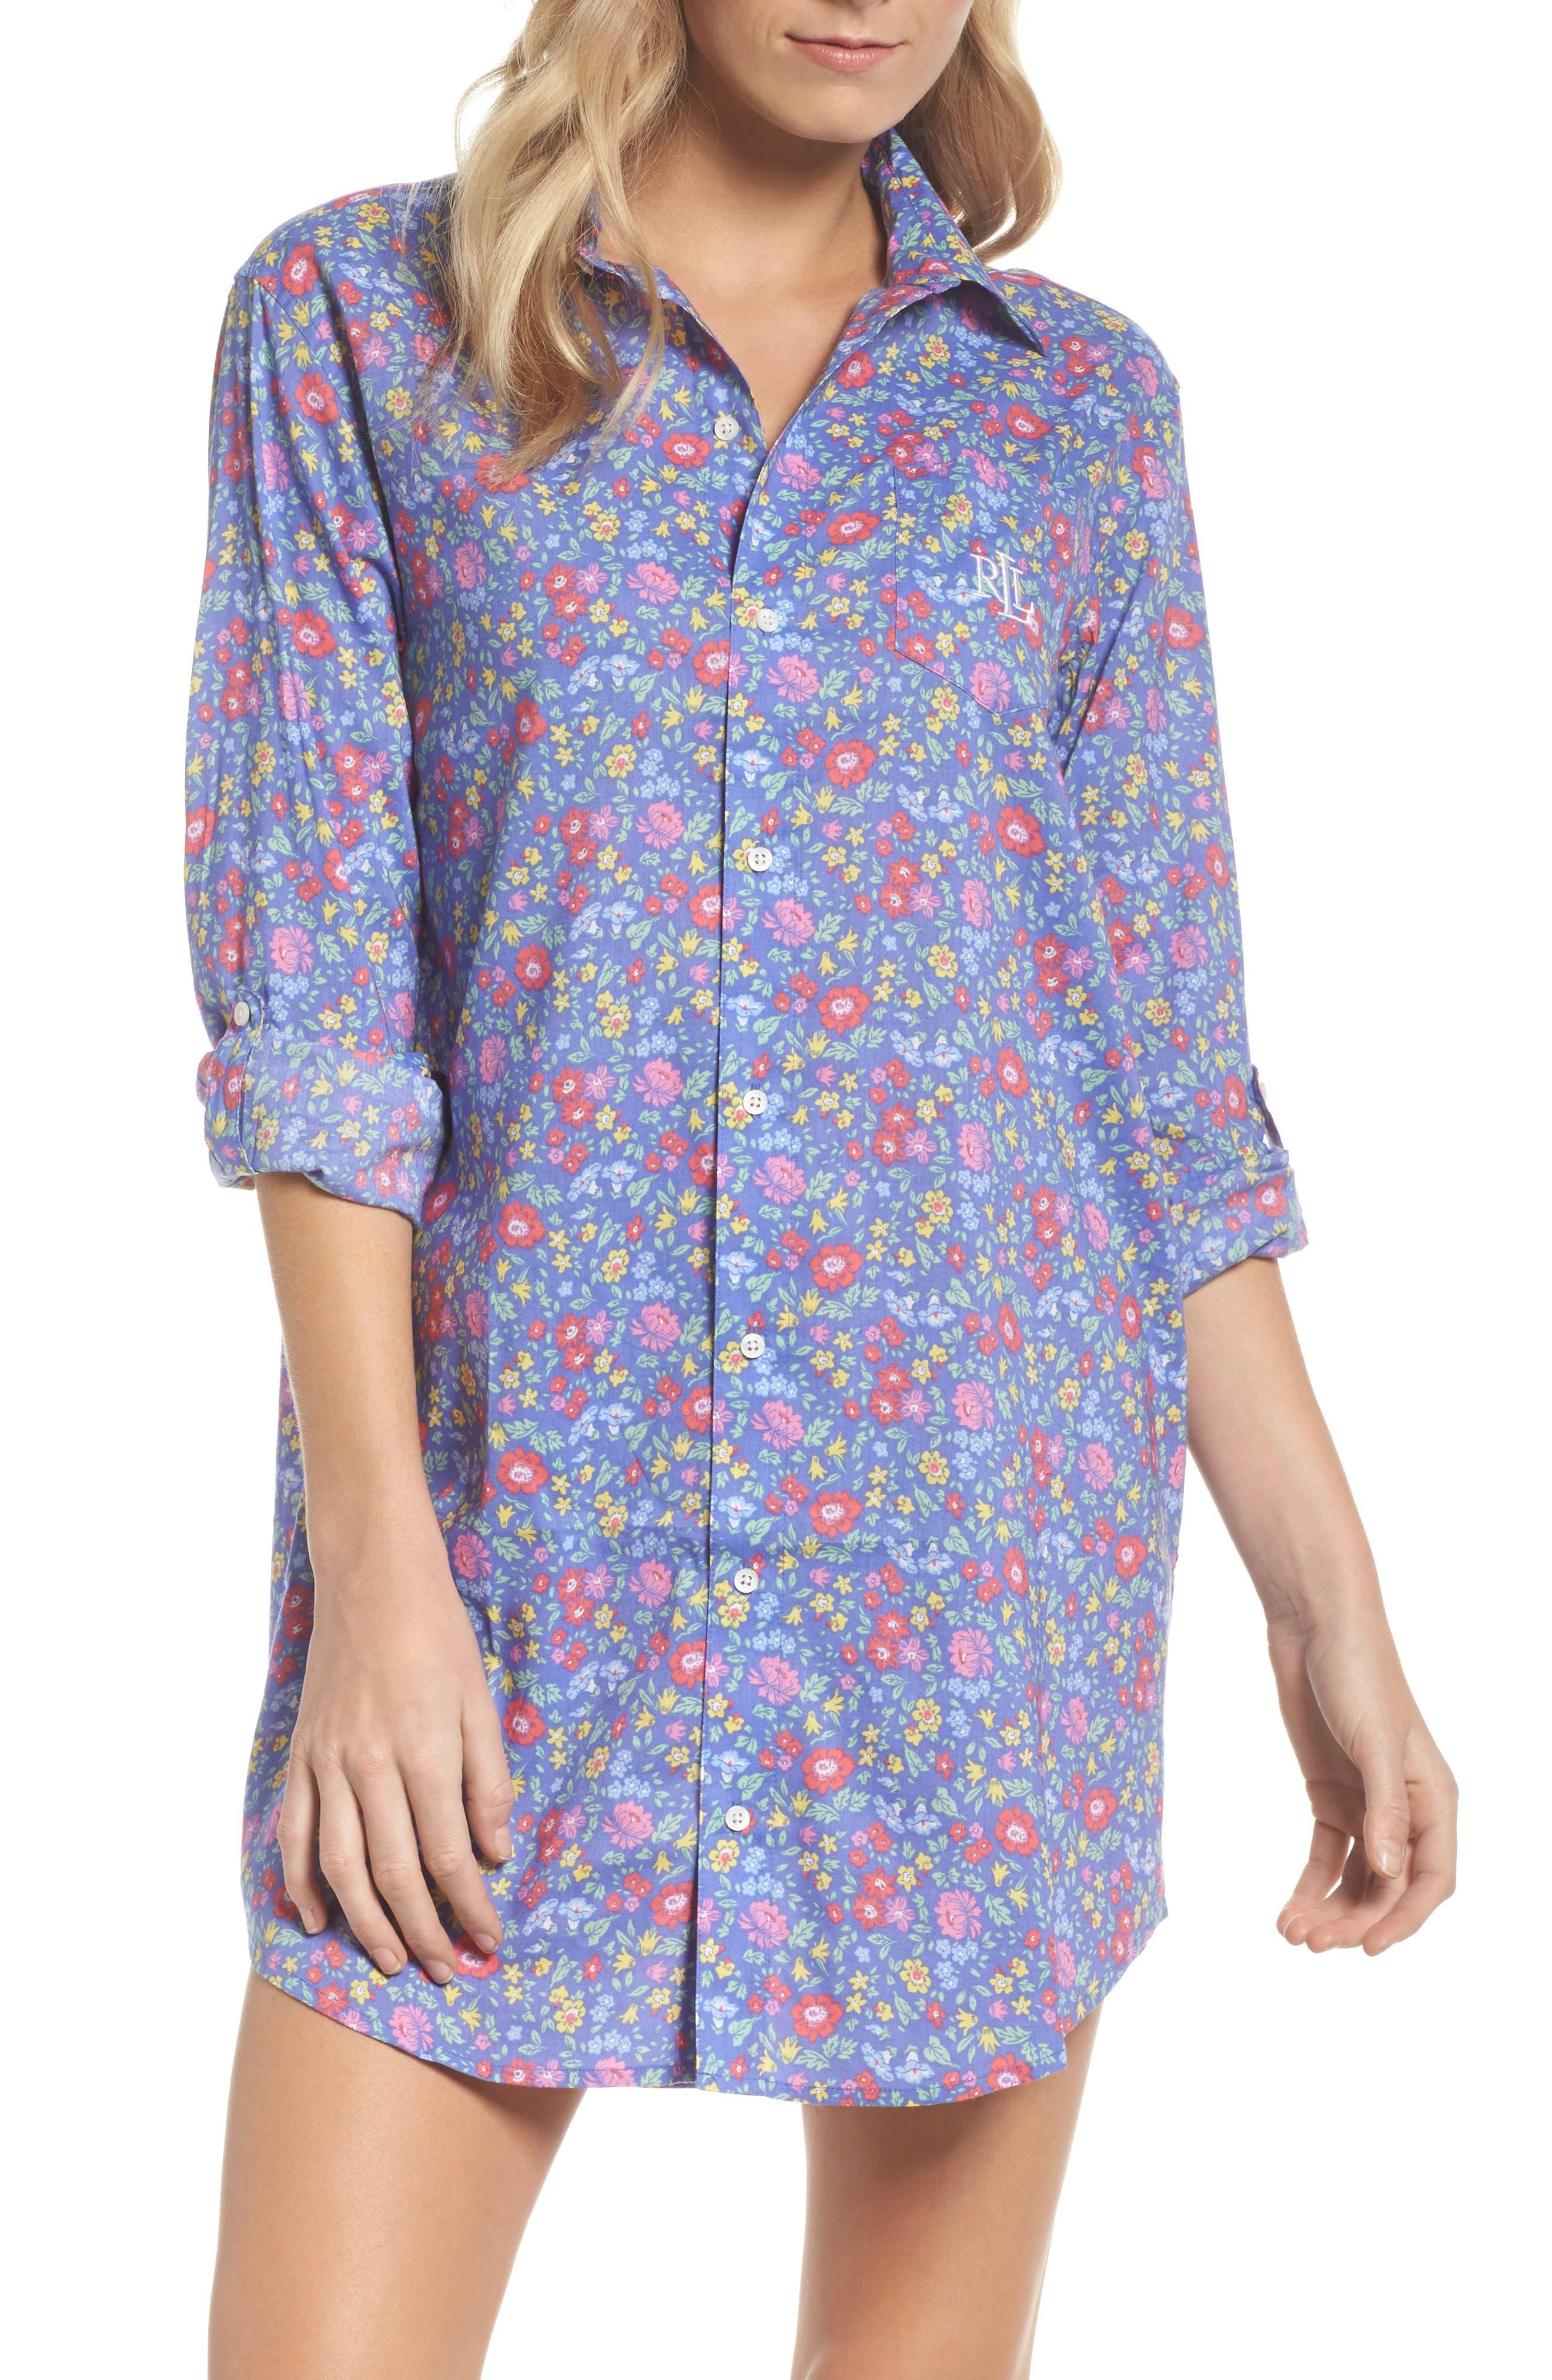 Alternate Image 1 Selected - Lauren Ralph Lauren His Night Shirt